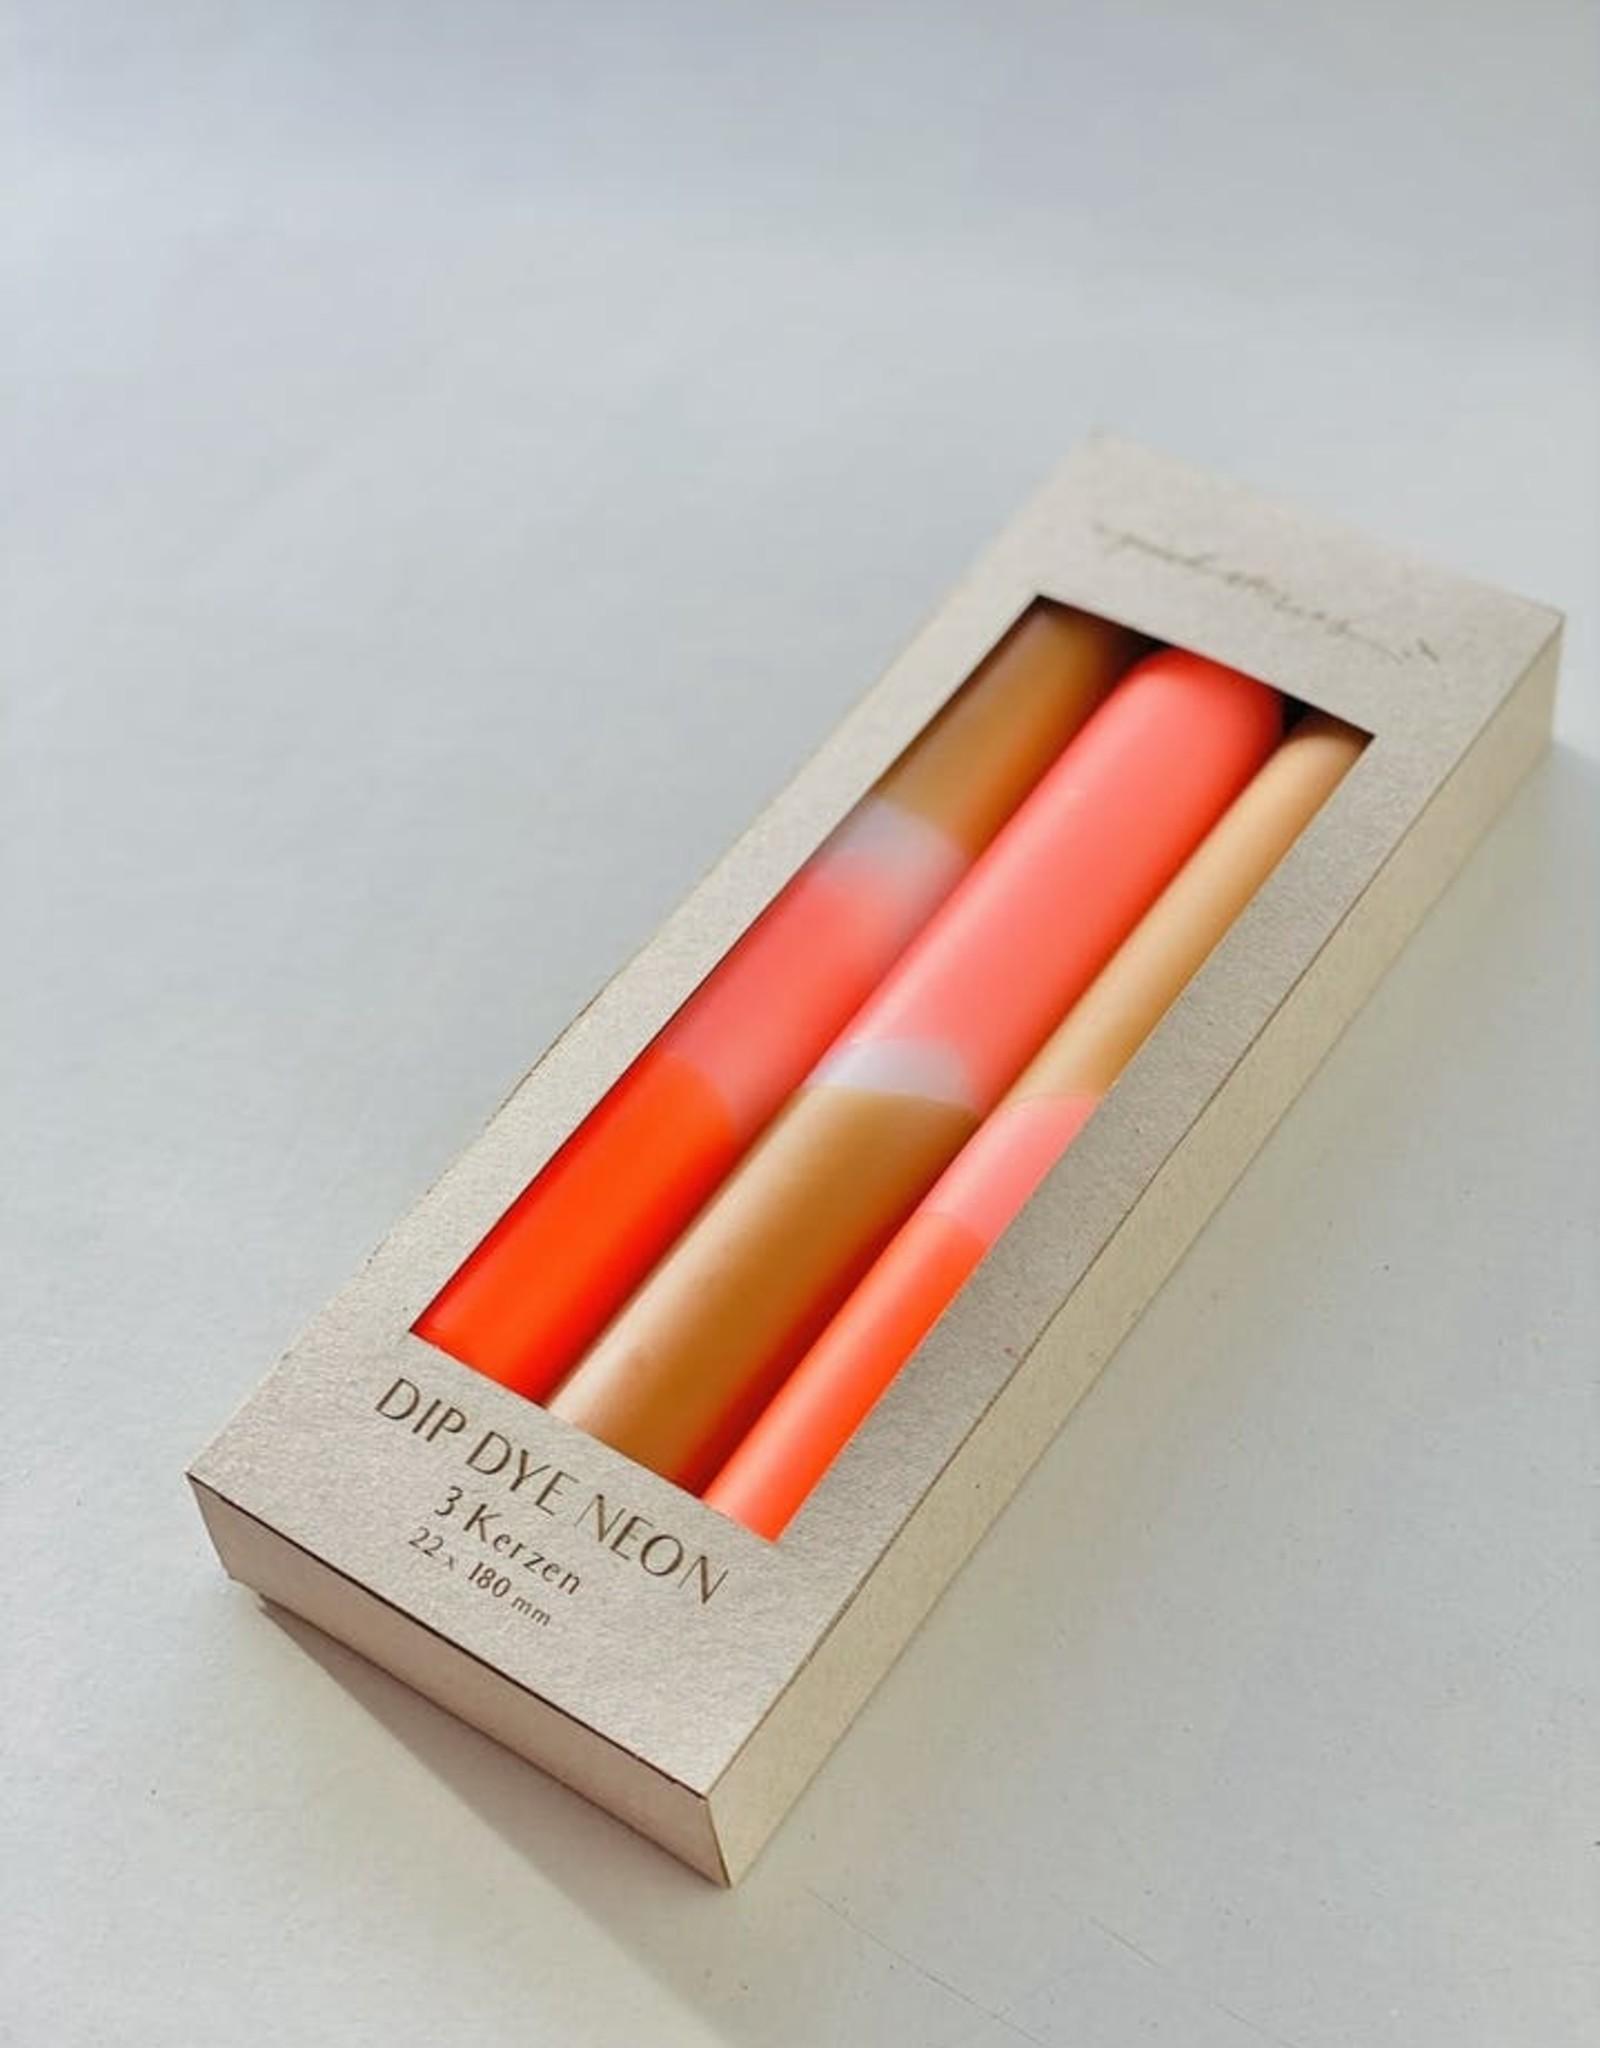 Pink Stories Dip Dye Neon kaars (Vegan) - Papaya Sand